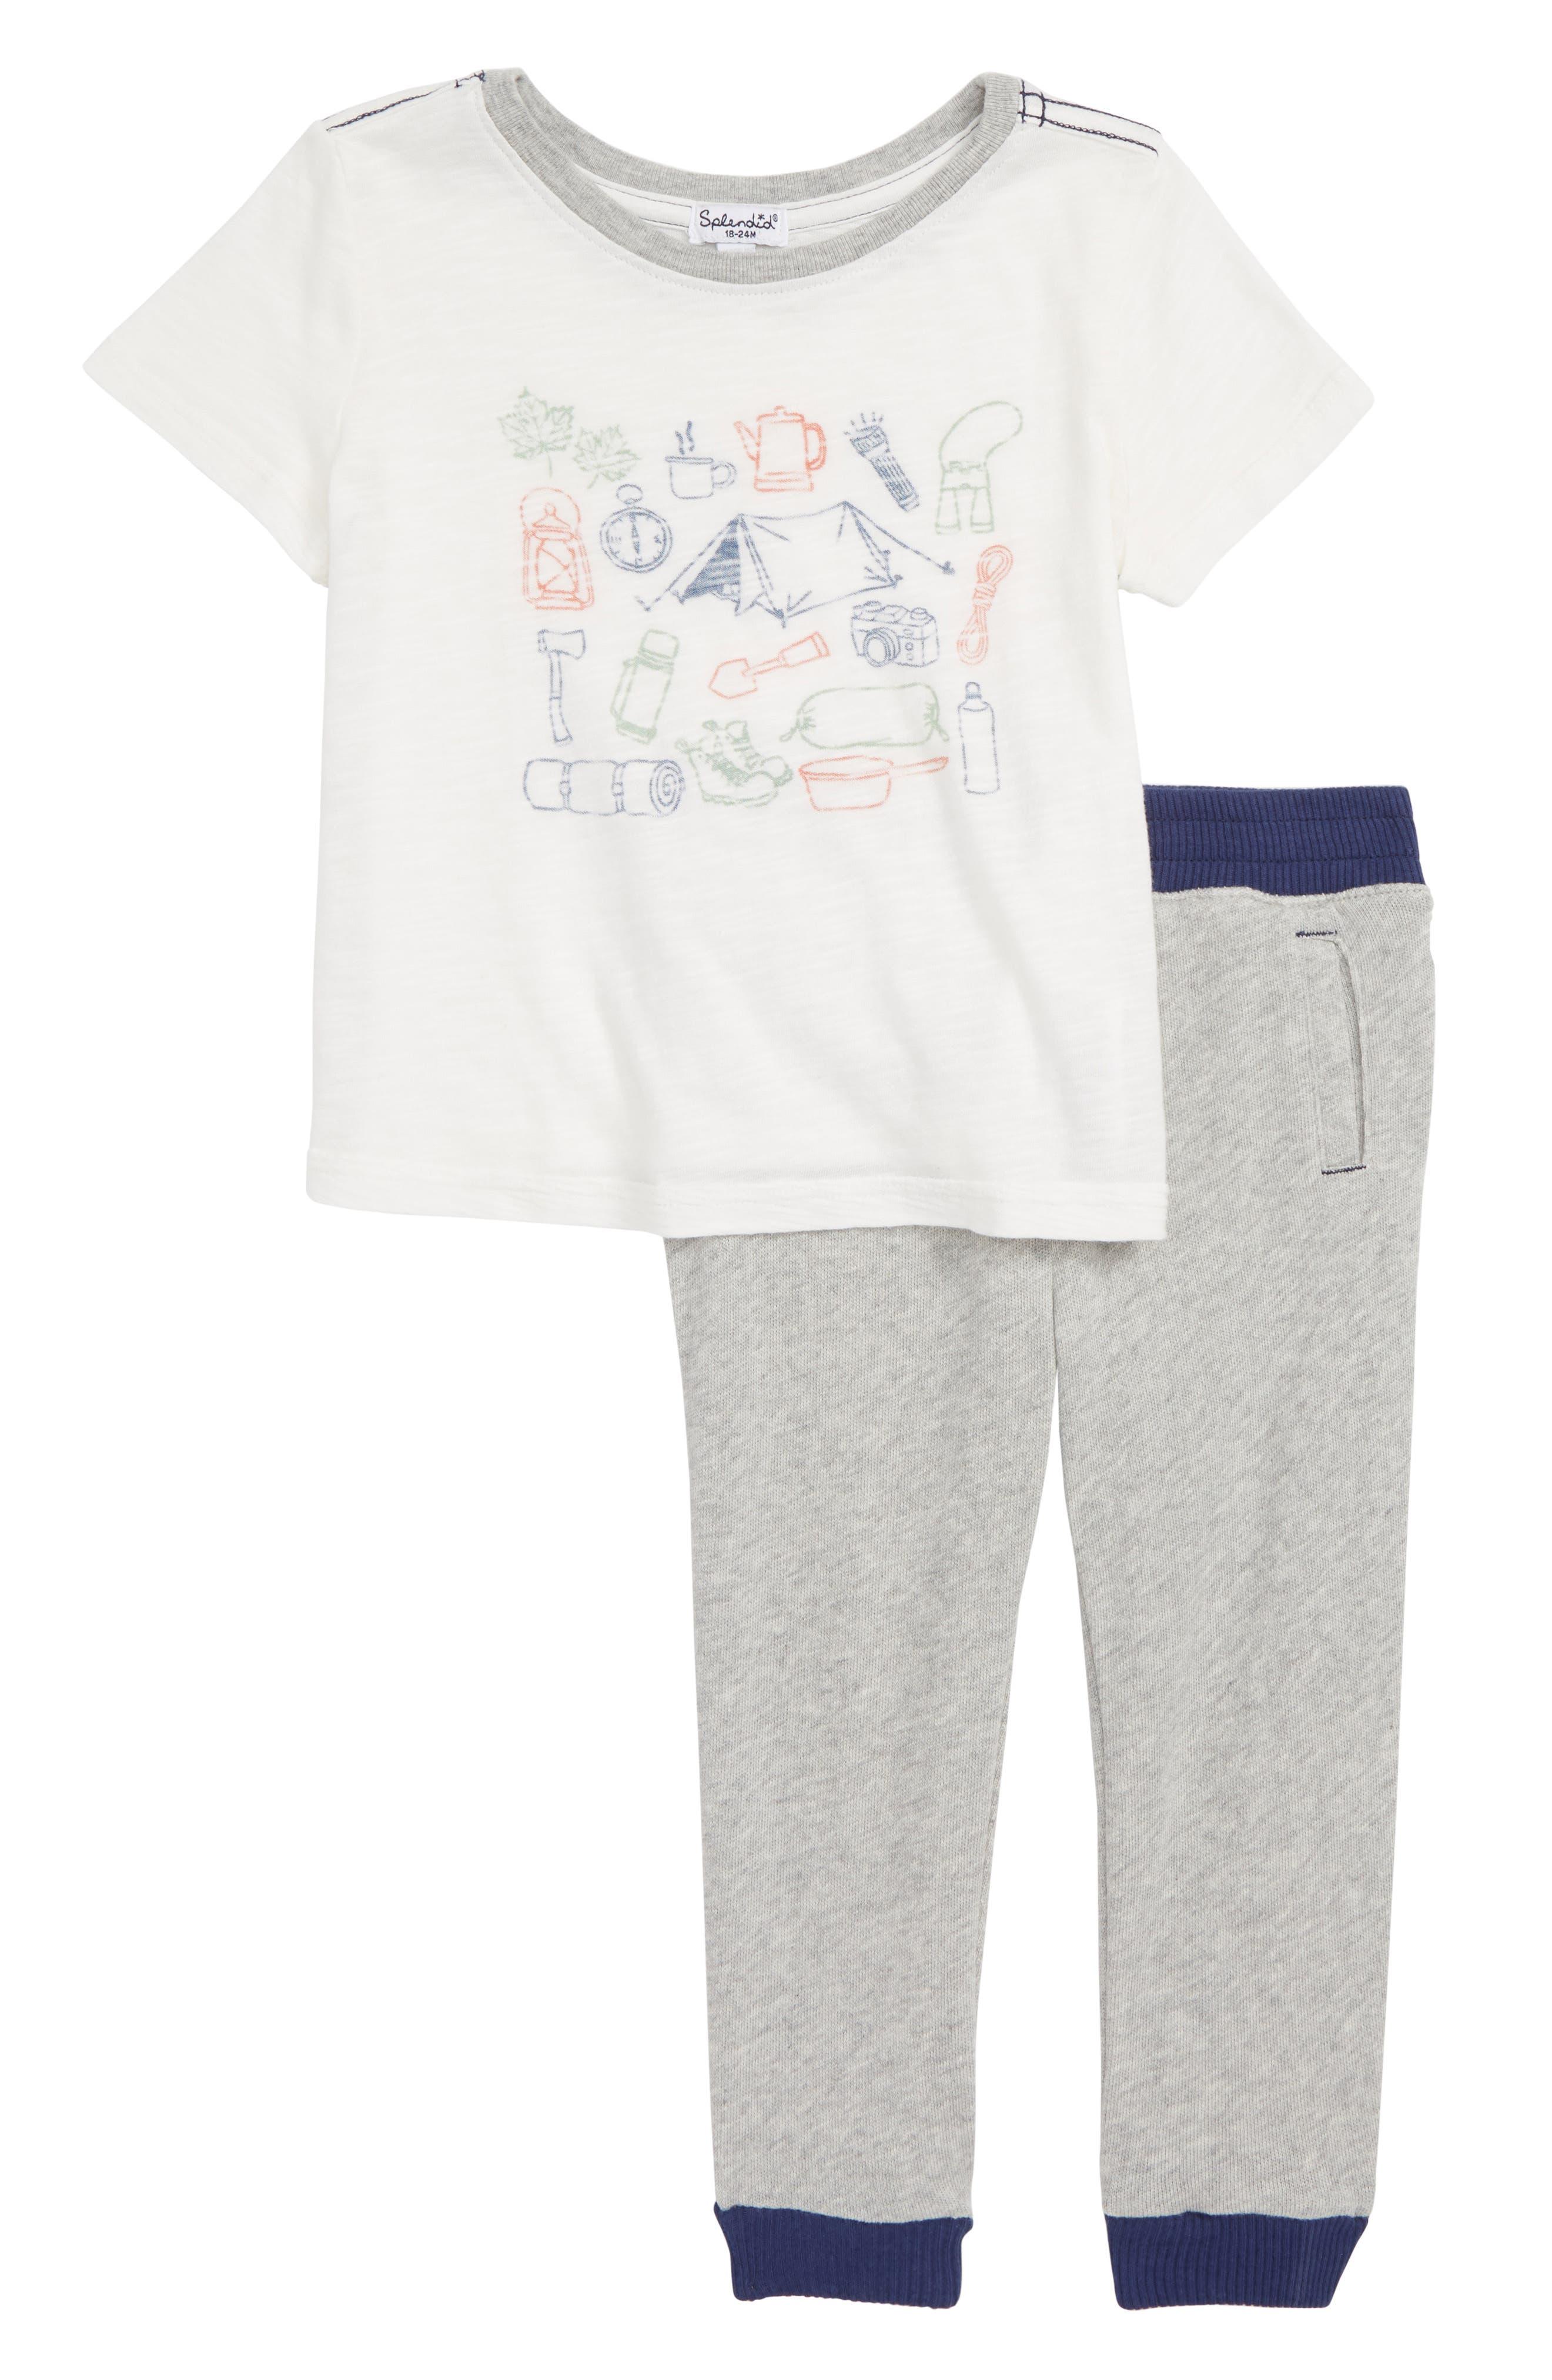 Camping Graphic T-Shirt & Pants Set,                         Main,                         color, FULL SAIL